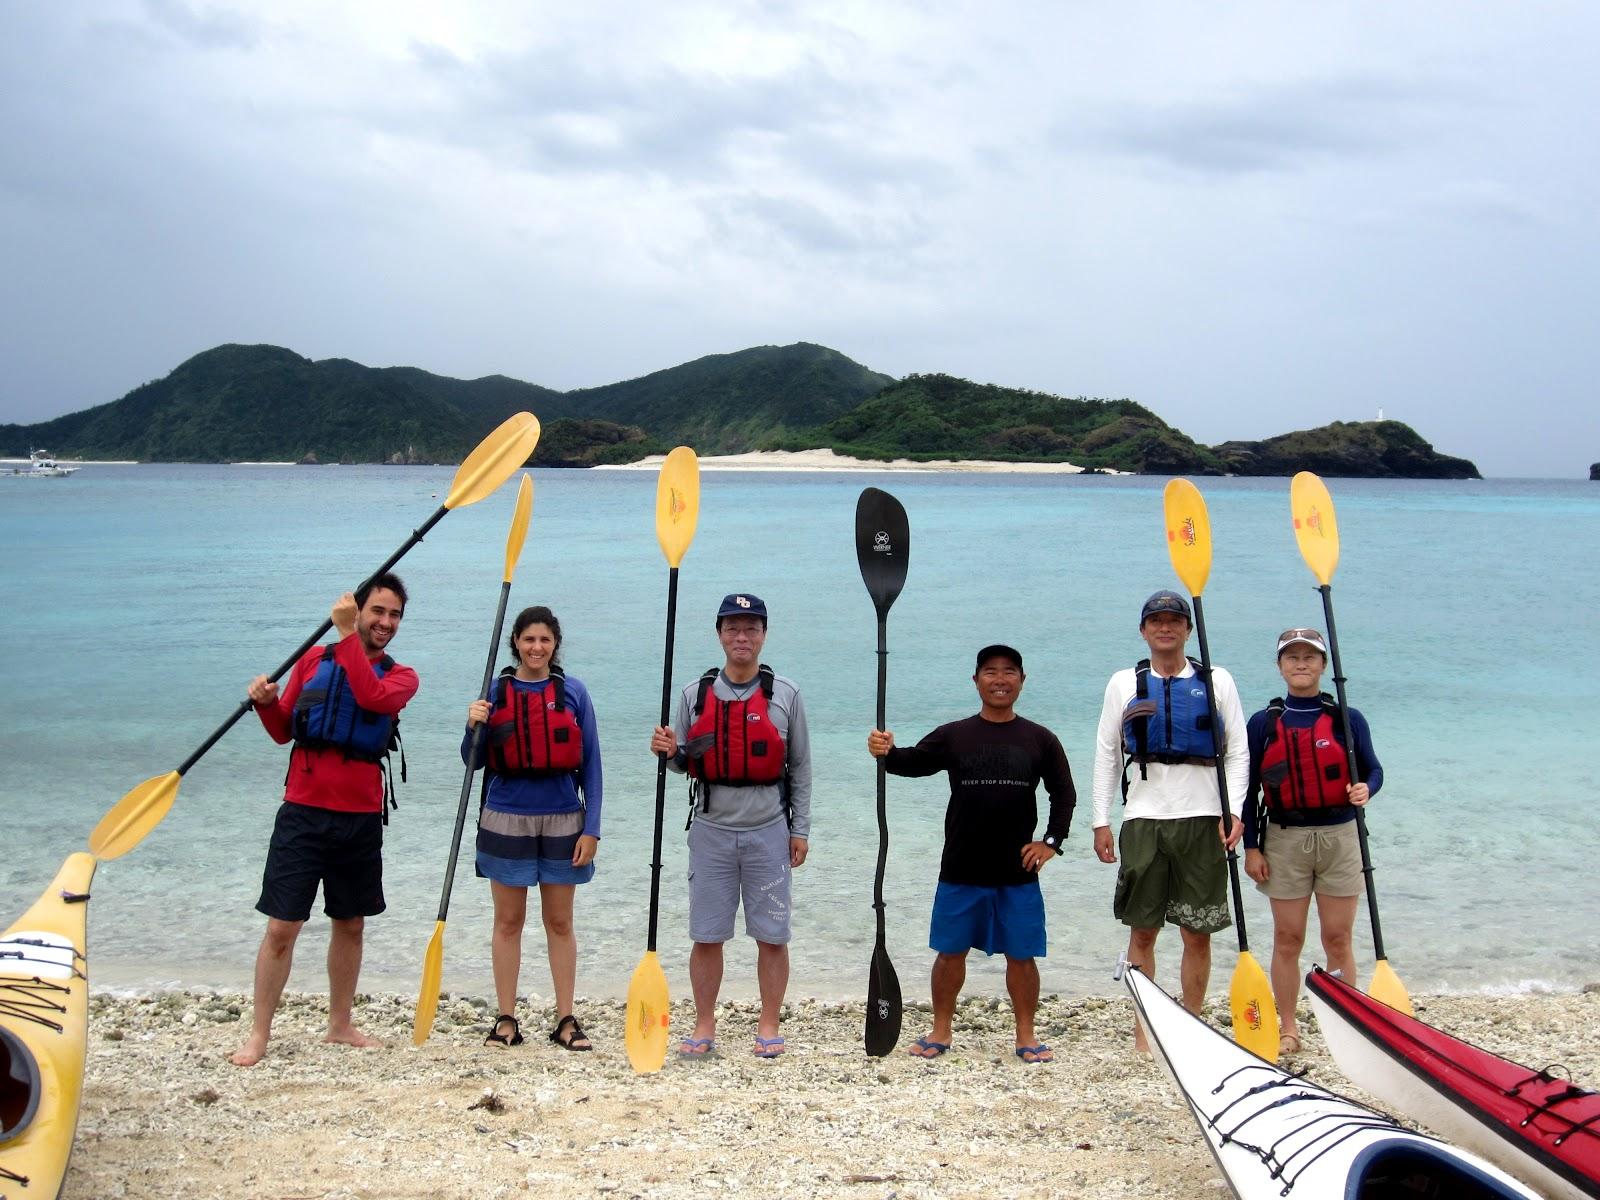 【カヤック&SUPで気分漕快♪】 沖縄・慶良間諸島/座間味島